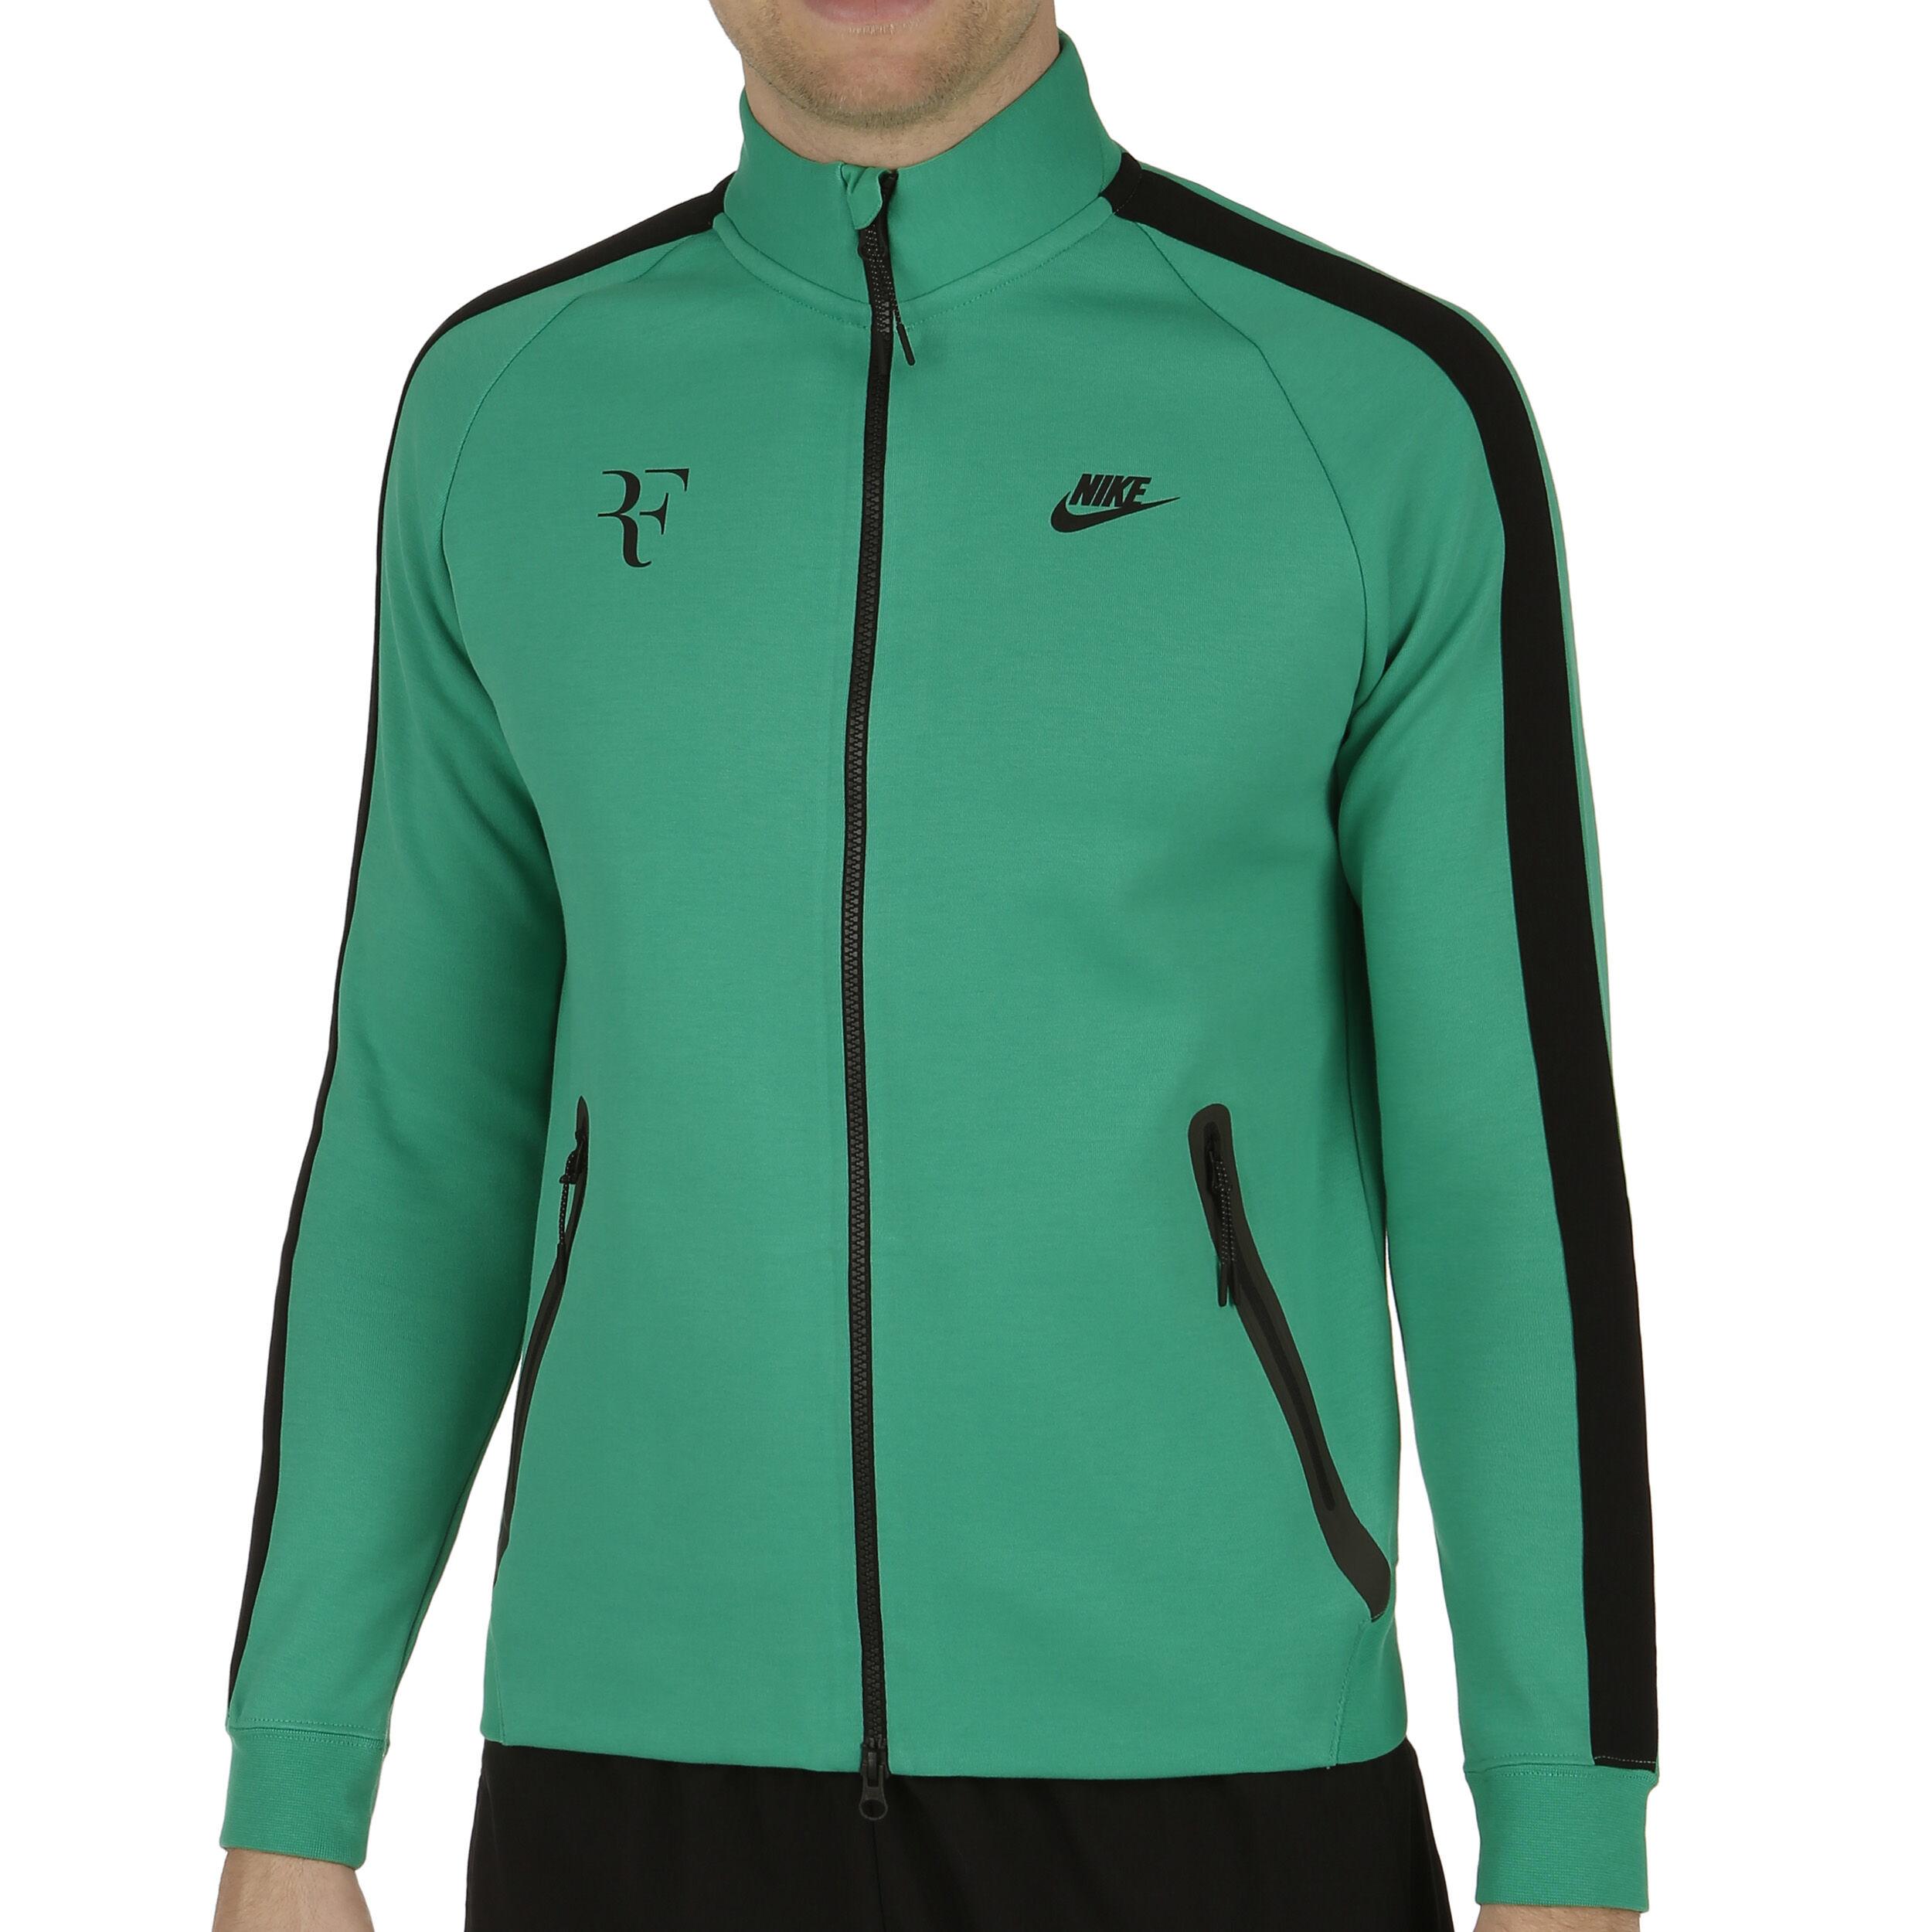 Nike Roger Federer Premier Veste De Survêtement Hommes